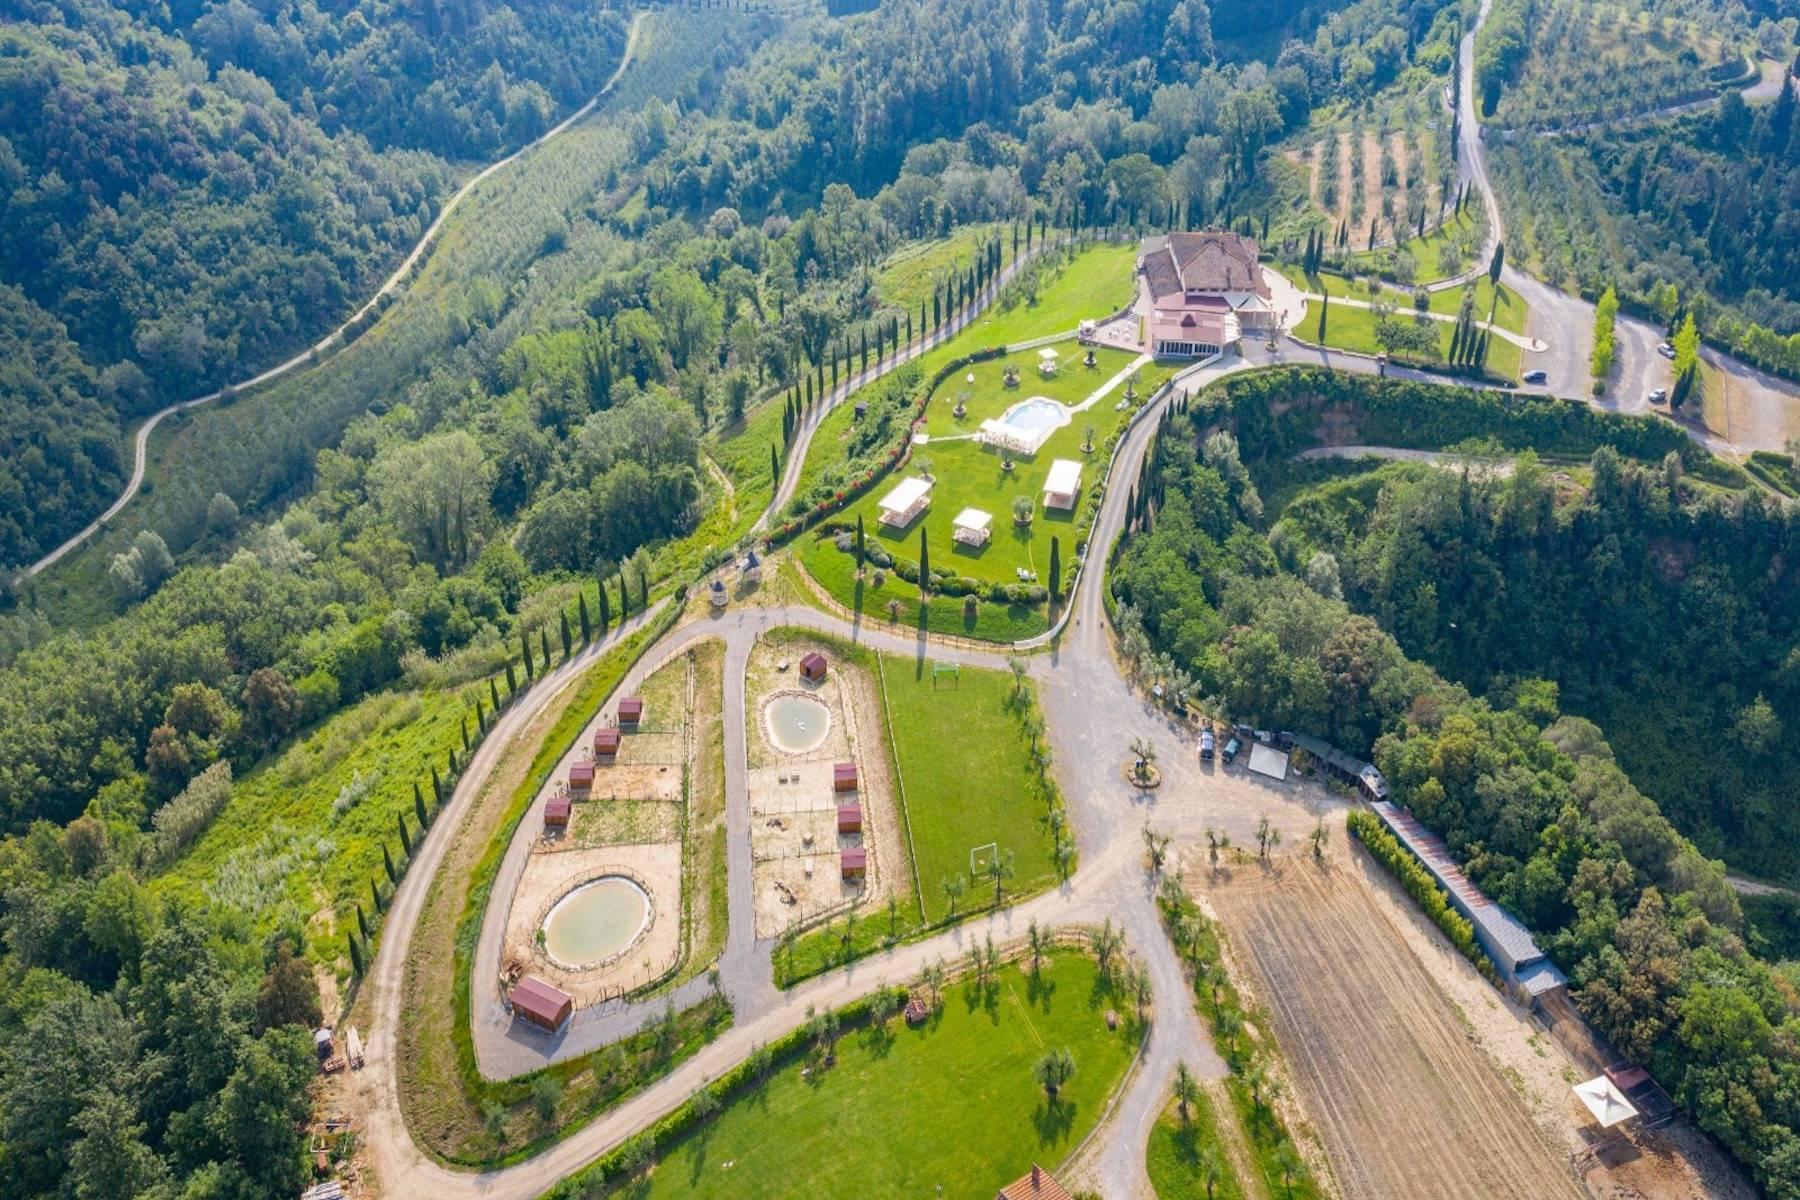 Wunderschönes Anwesen mit 202 Hektar Land im Herzen der Toskana - 4